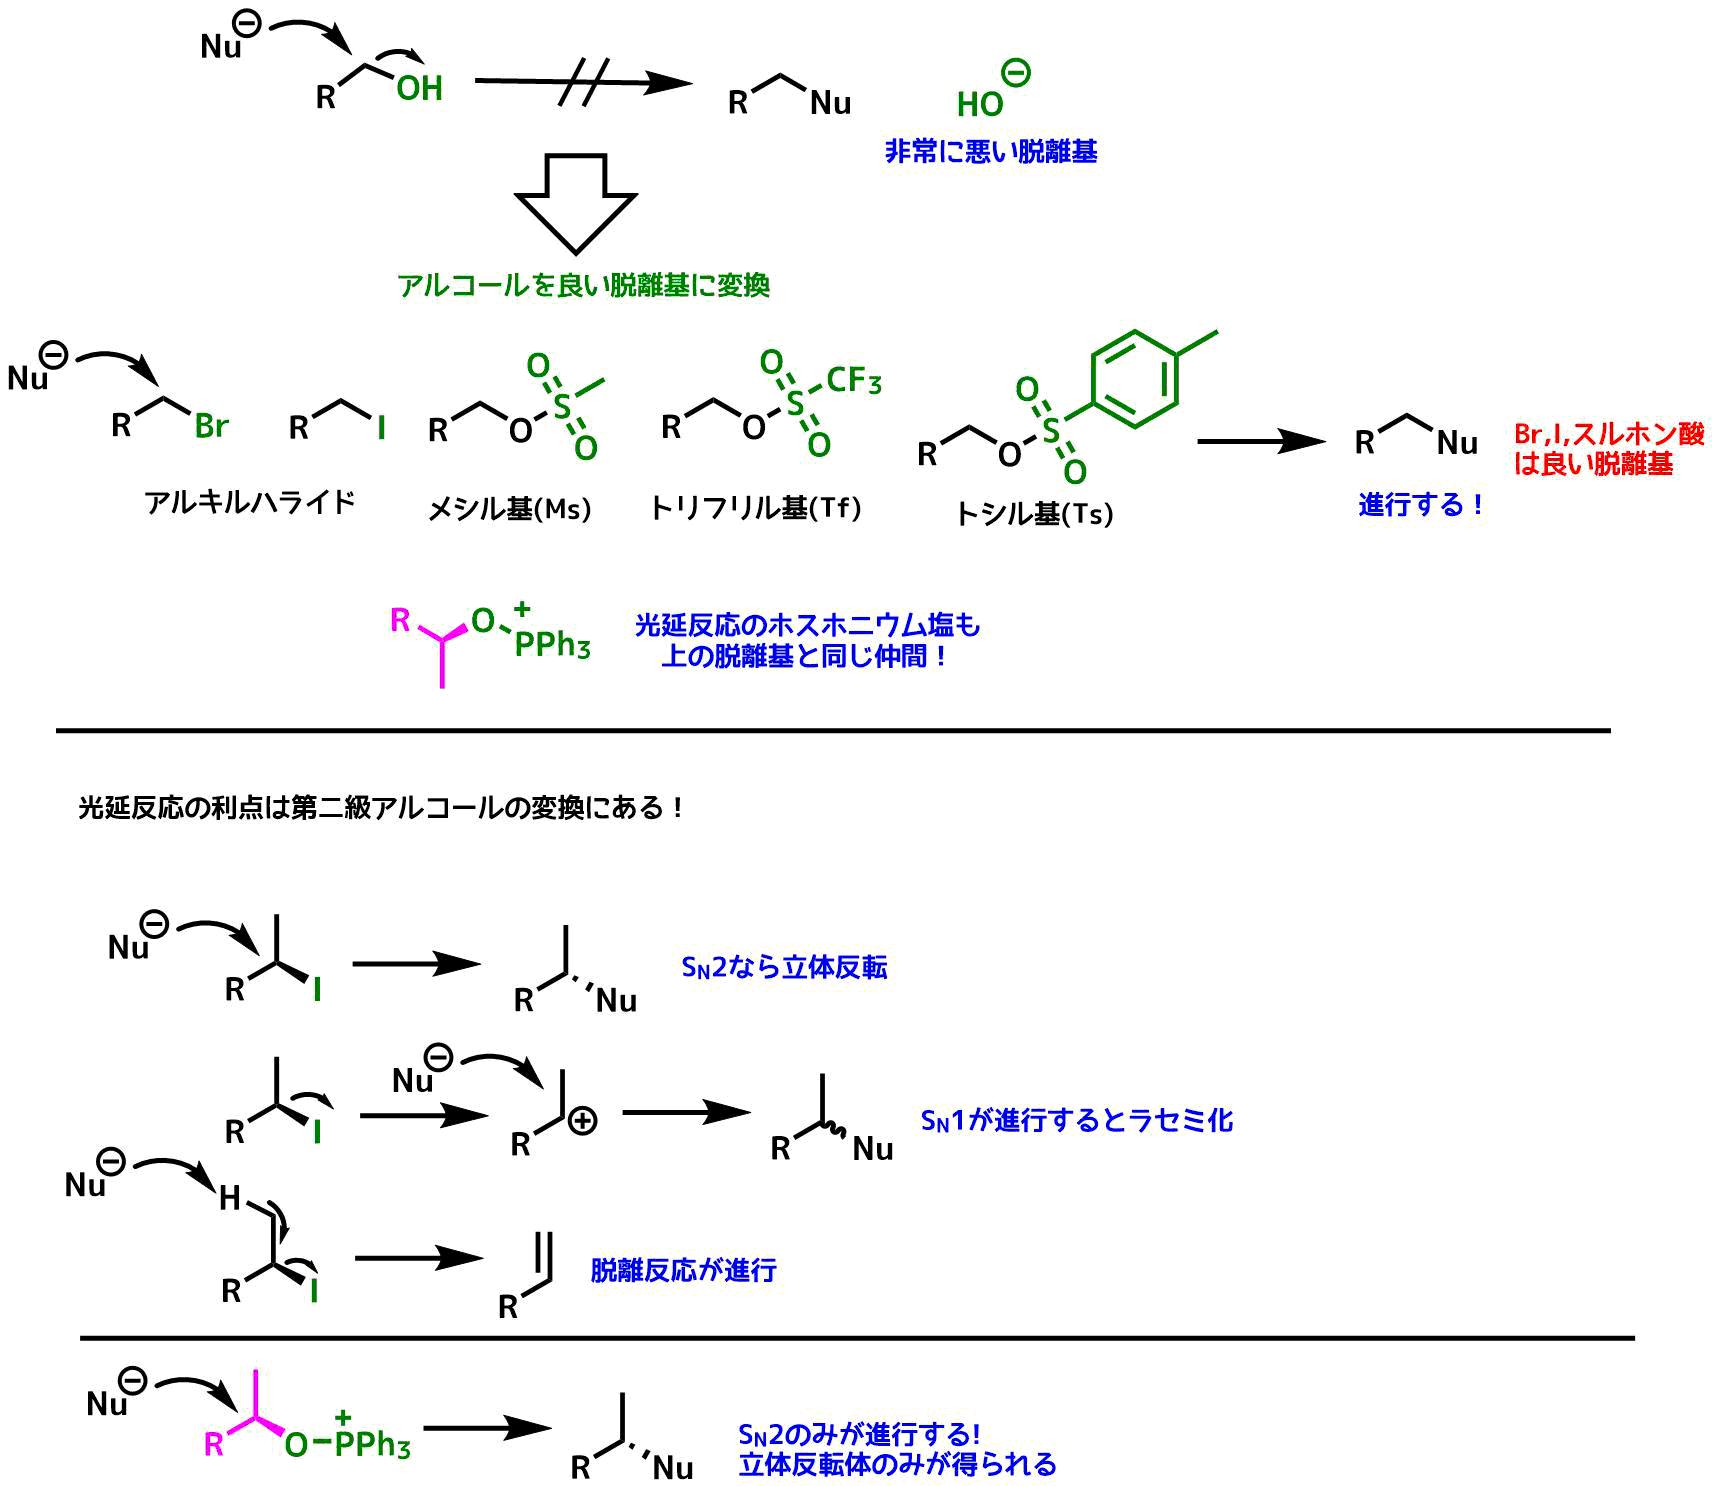 光延反応で水酸基を活性化